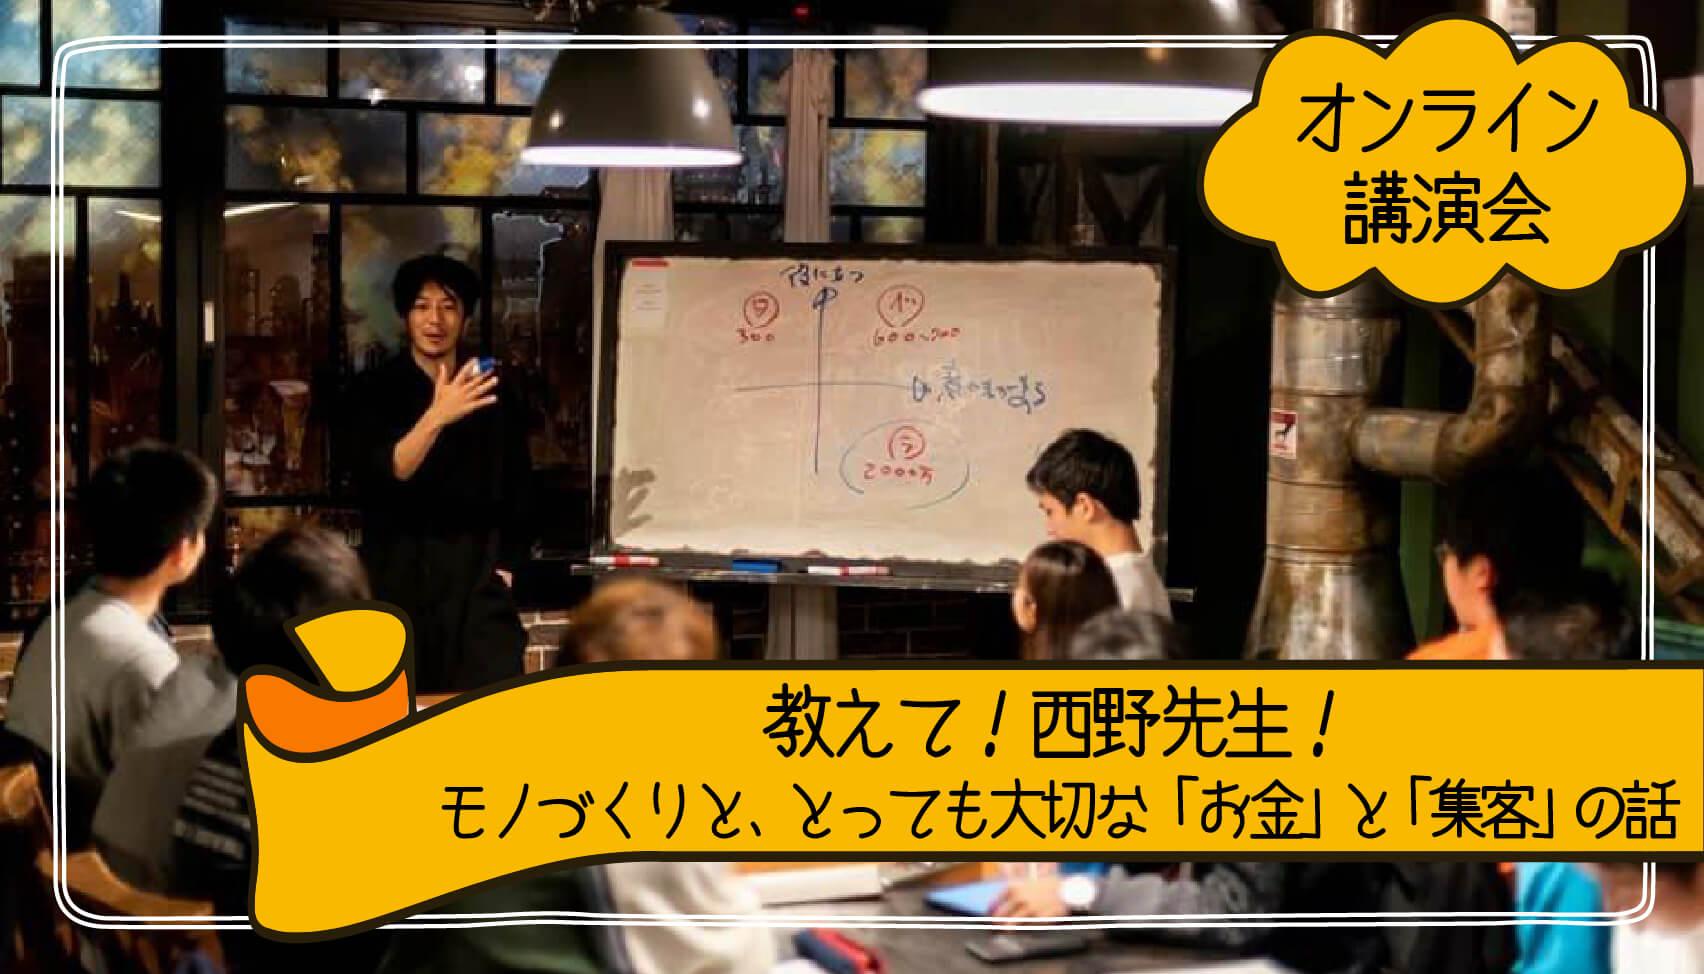 【第3弾!】映画ご鑑賞者限定スペシャル企画【教えて!西野先生 モノづくりと、とっても大切な「お金」と「集客」の話】生配信の視聴リンクをプレゼント!